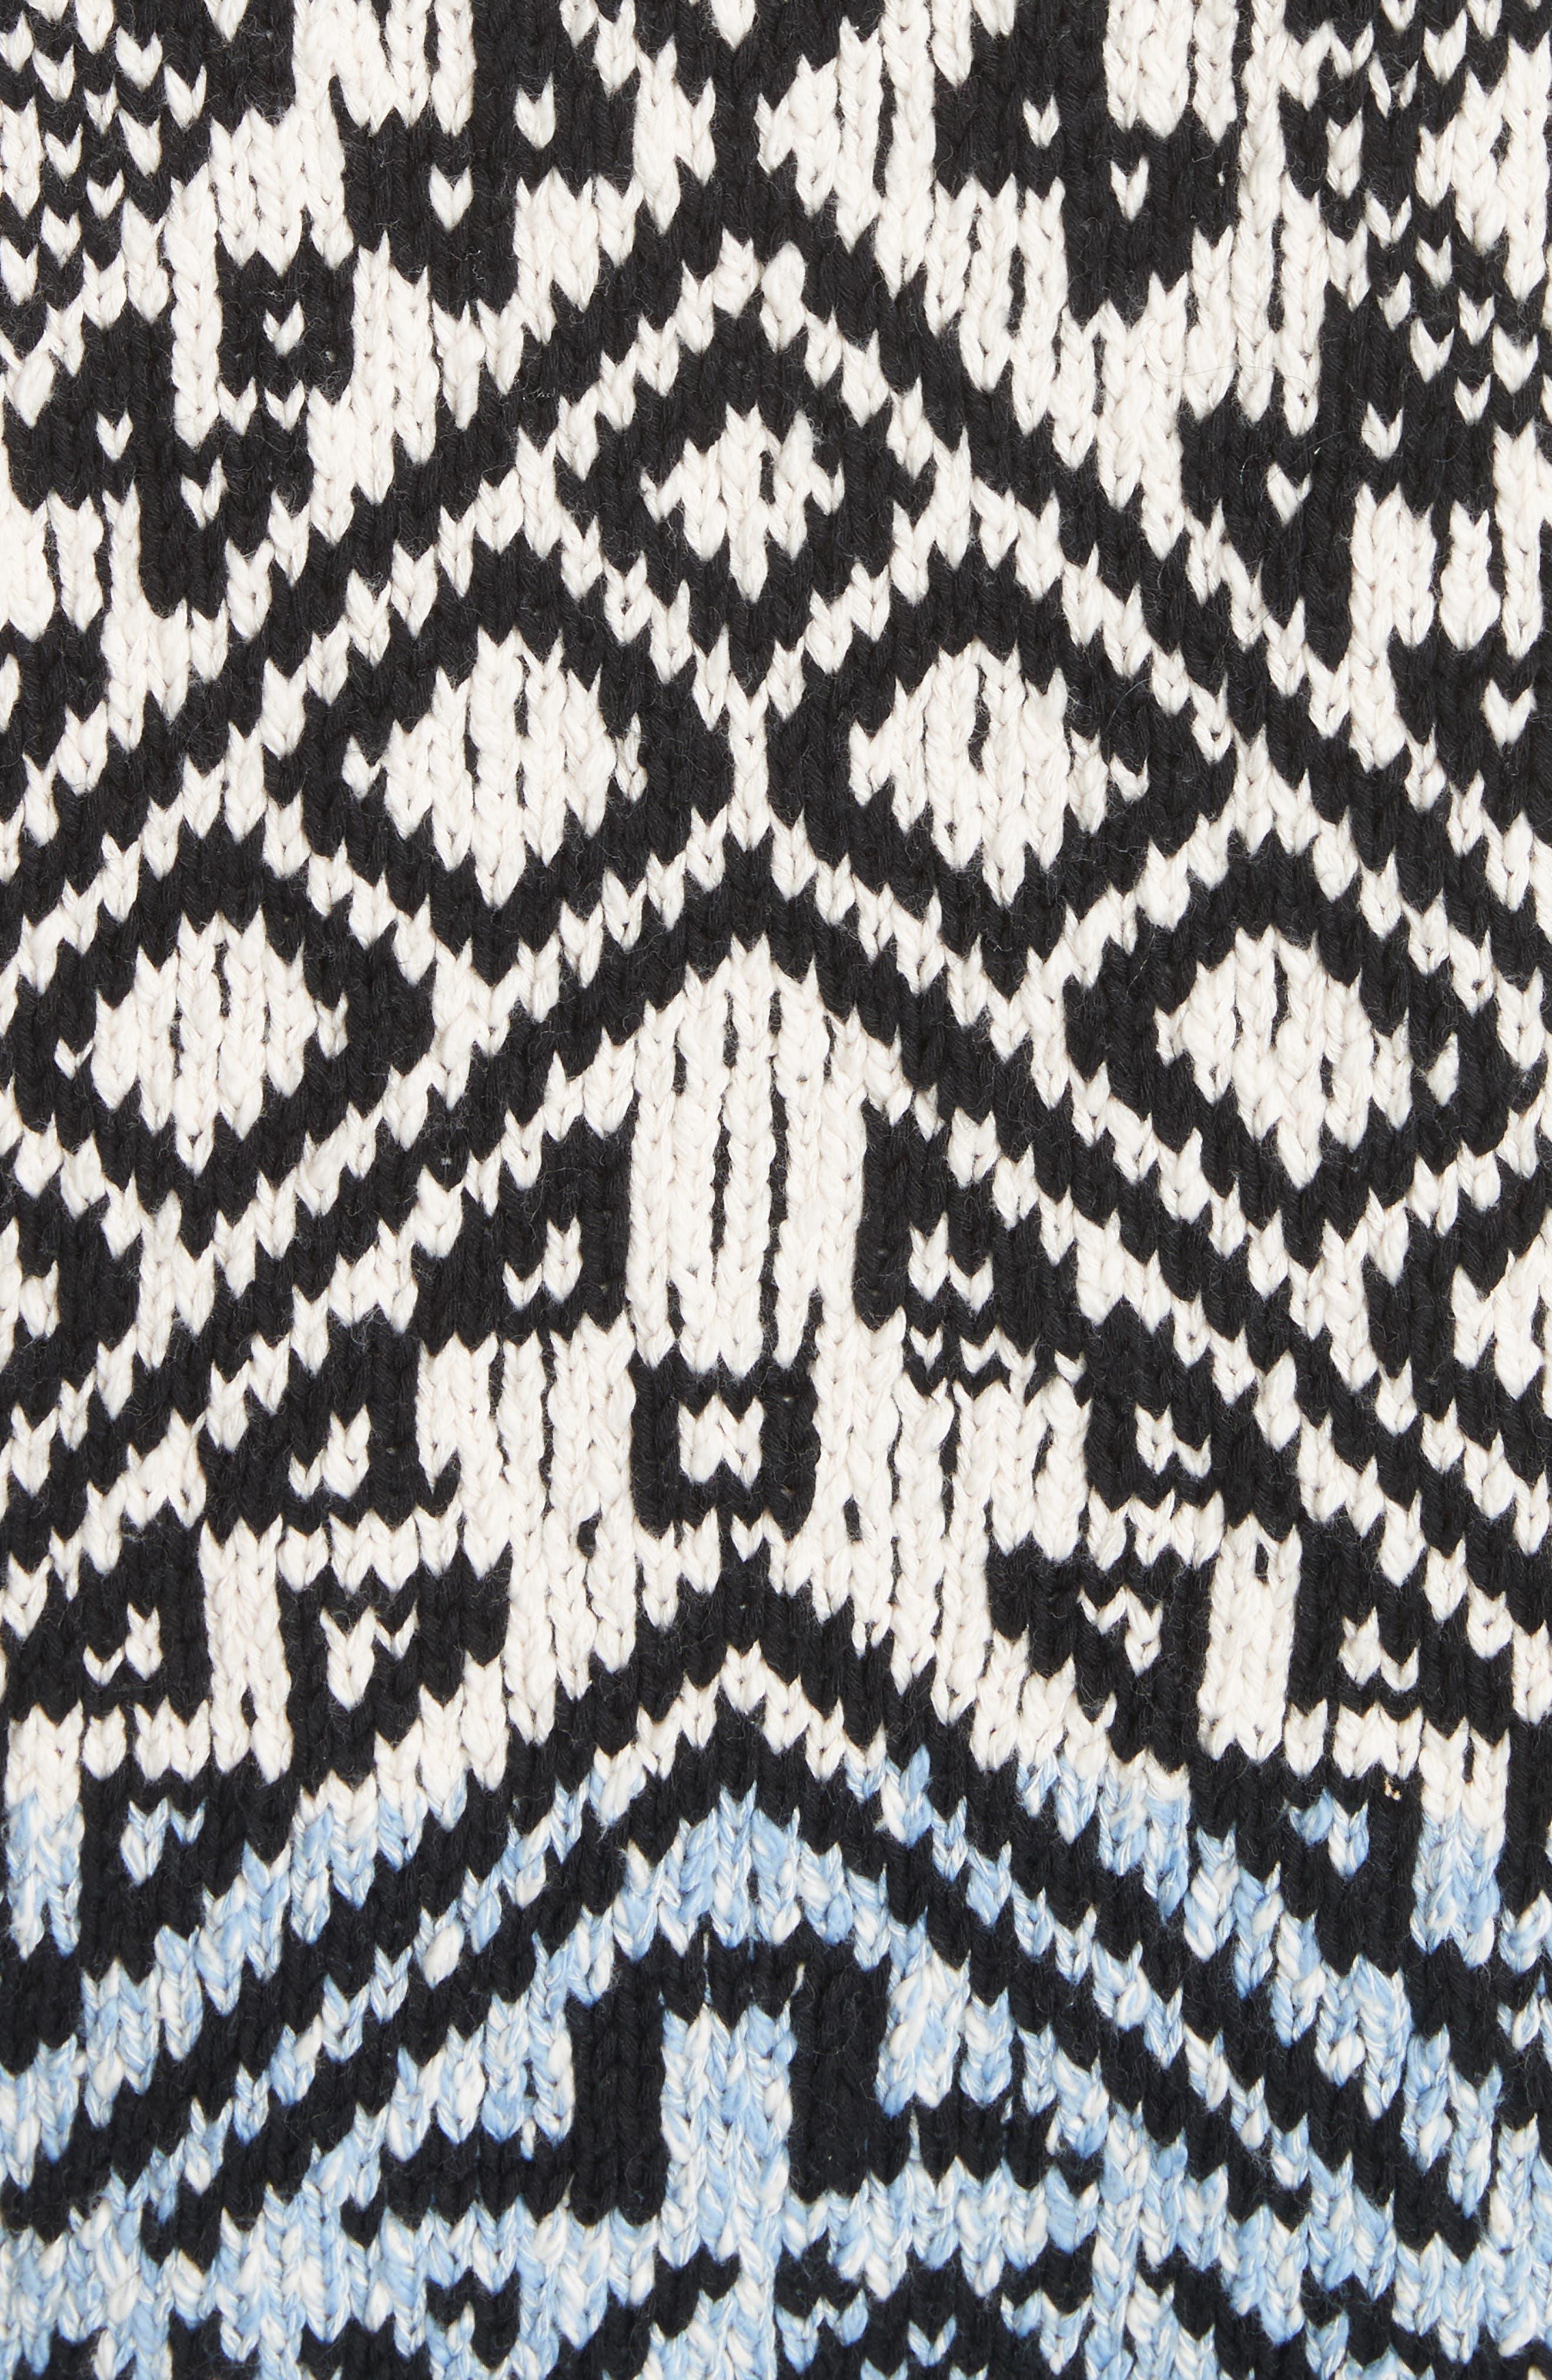 Rhia Jacquard Sweater,                             Alternate thumbnail 5, color,                             Off White/ Black